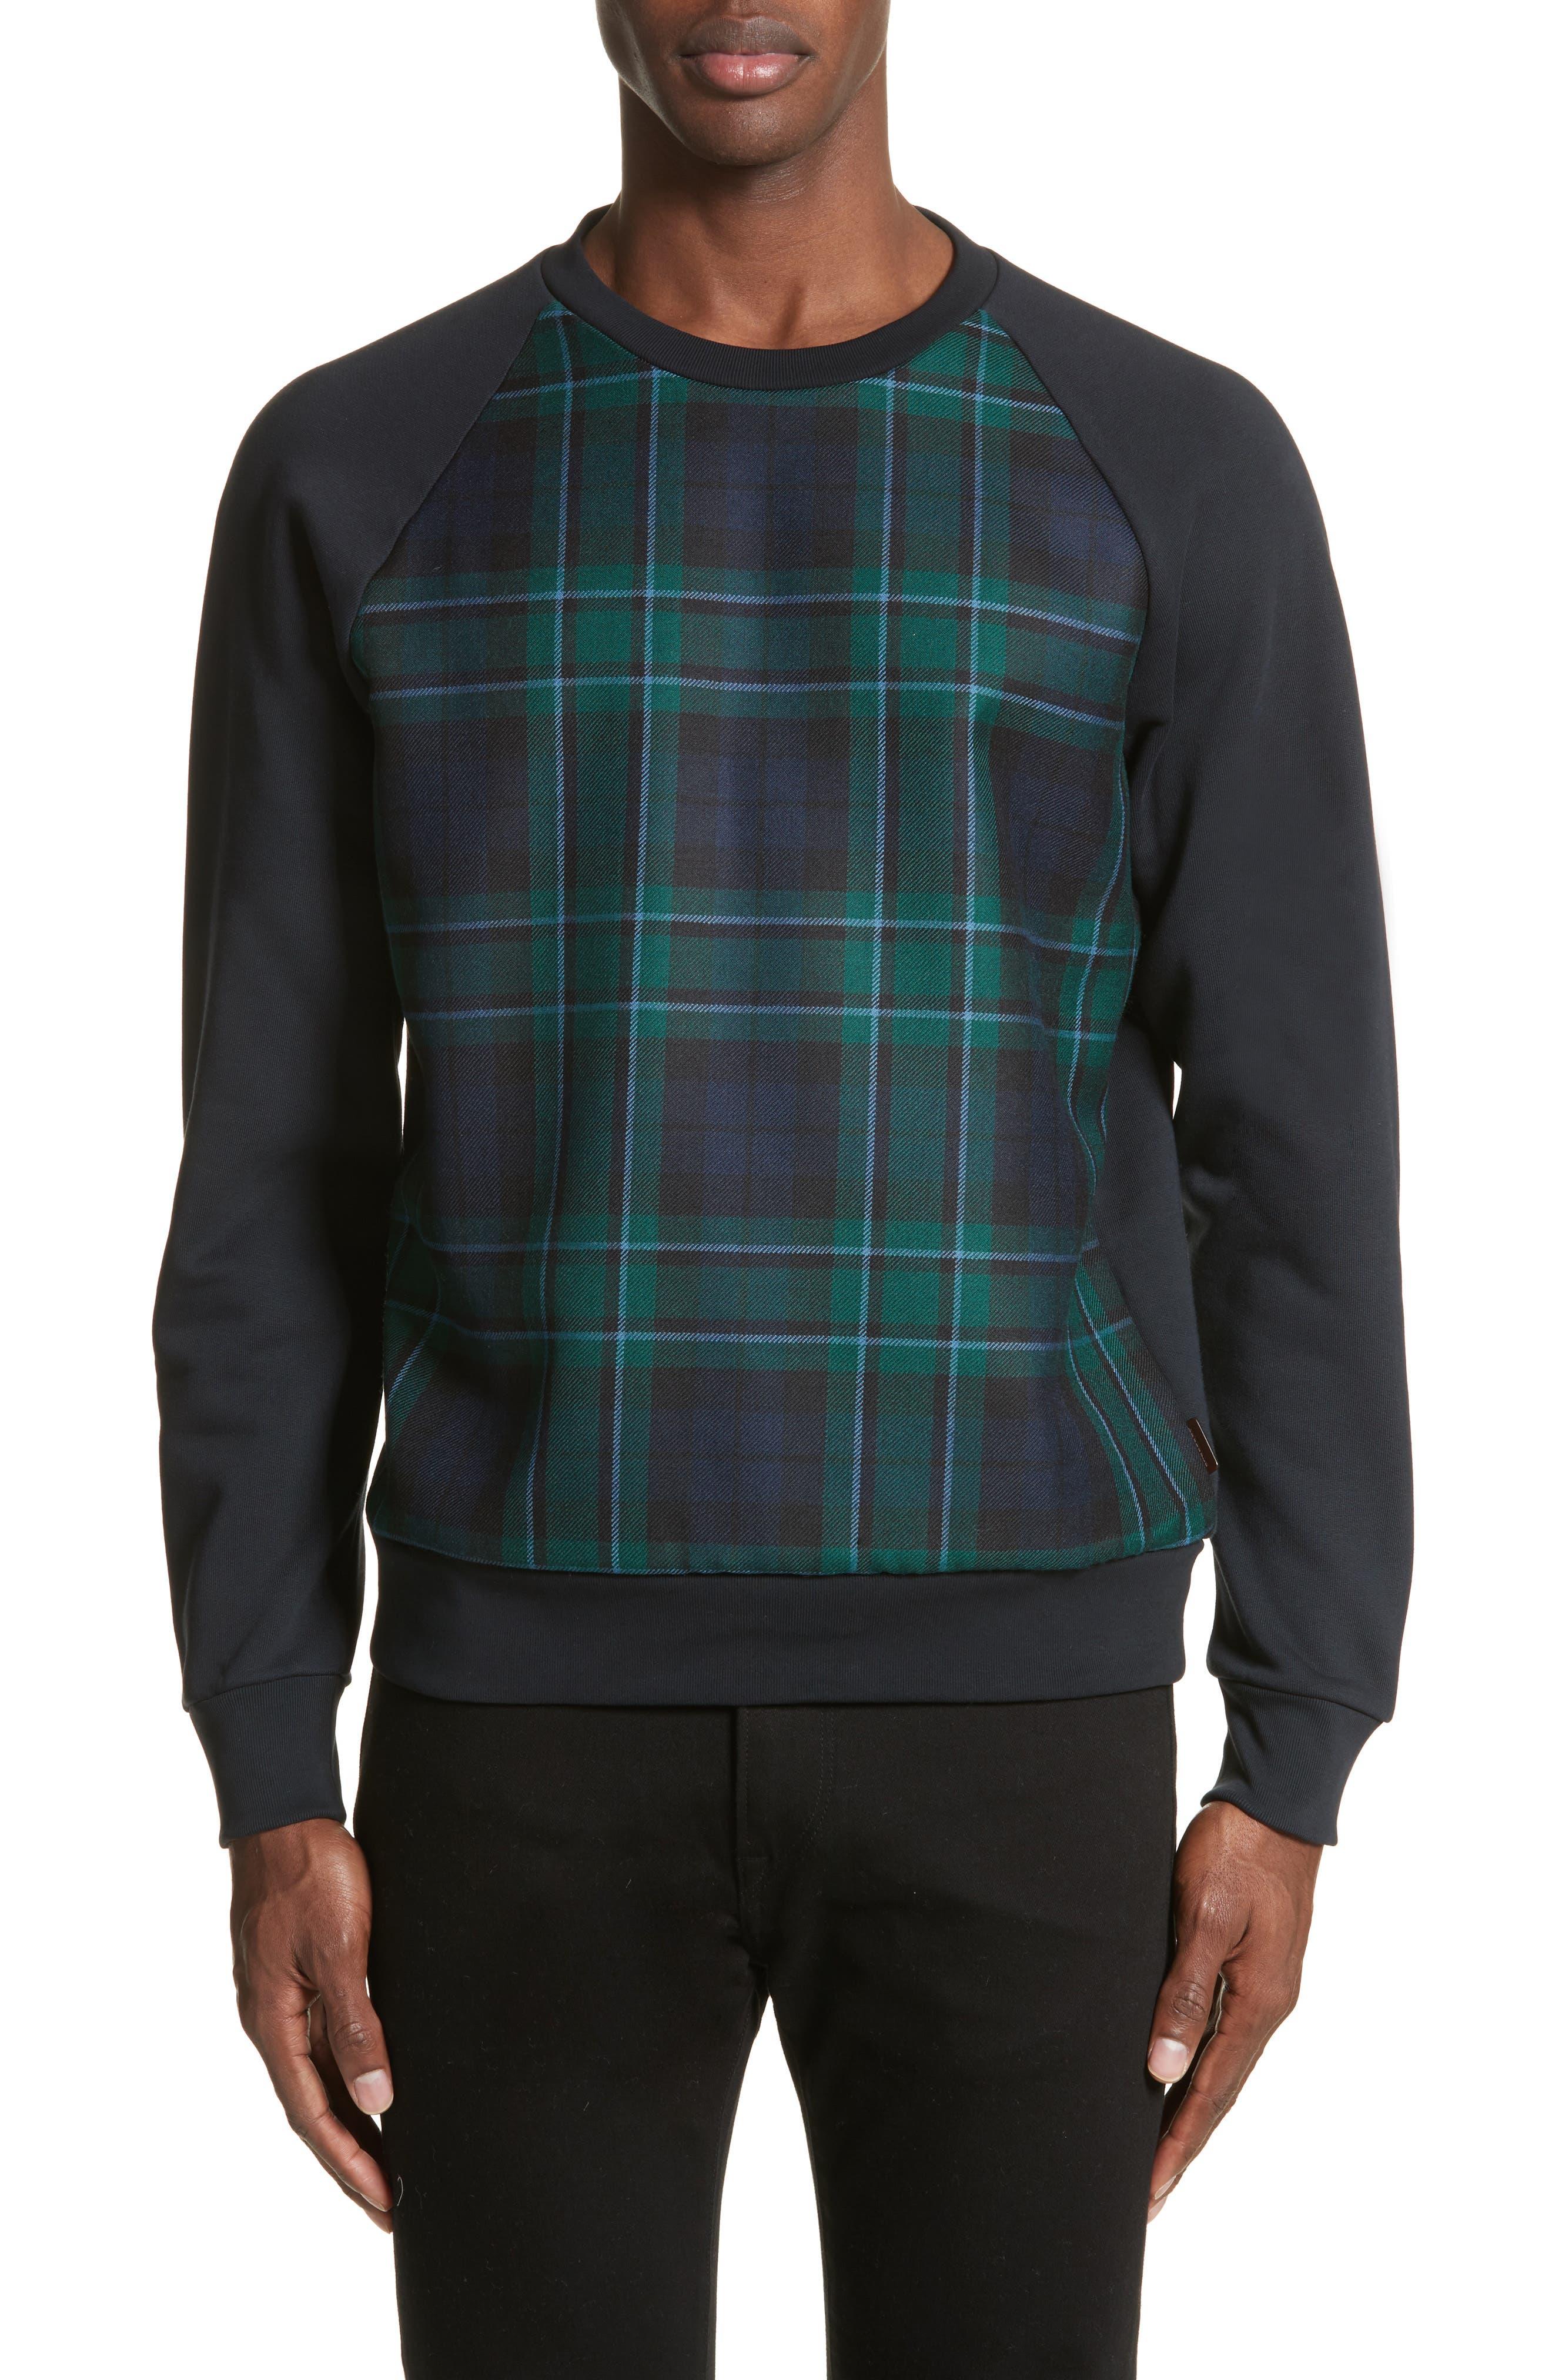 Beachen Tartan Panel Jersey Sweatshirt,                             Main thumbnail 1, color,                             410